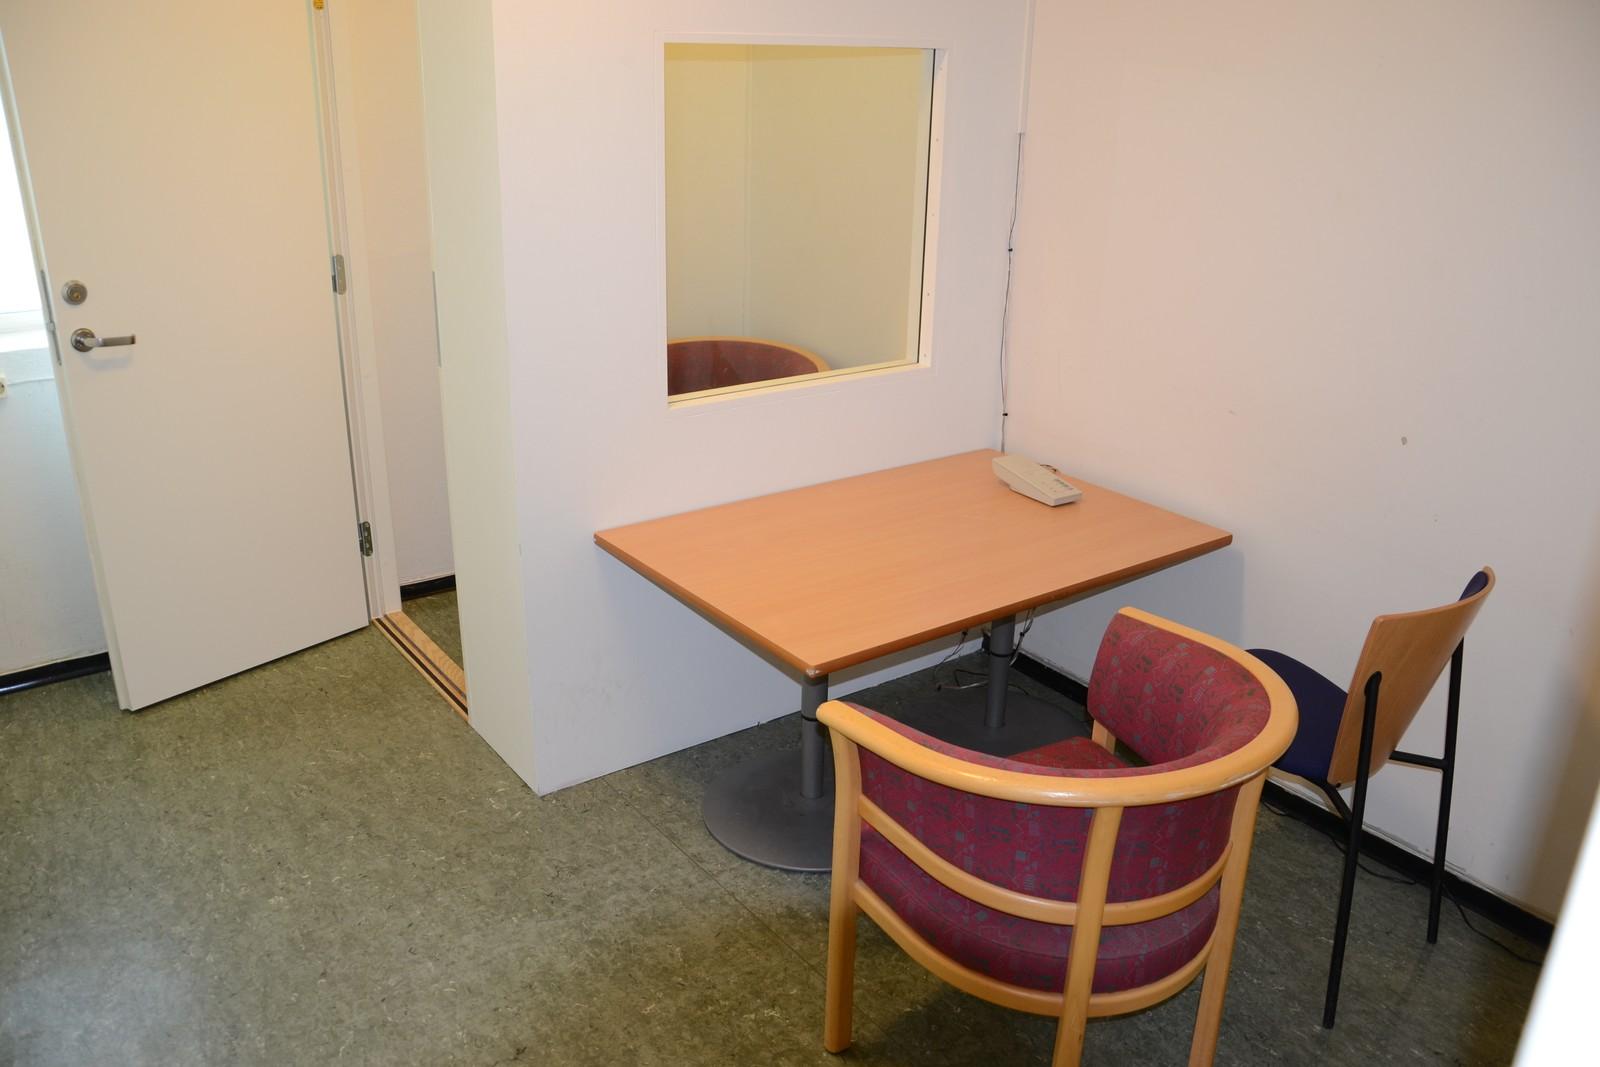 På besøksrommet ble Breivik og de besøkende skilt fra hverandre med en glassvegg. Dette er vanlig praksis på avdelinger med særlig høy sikkerhet.